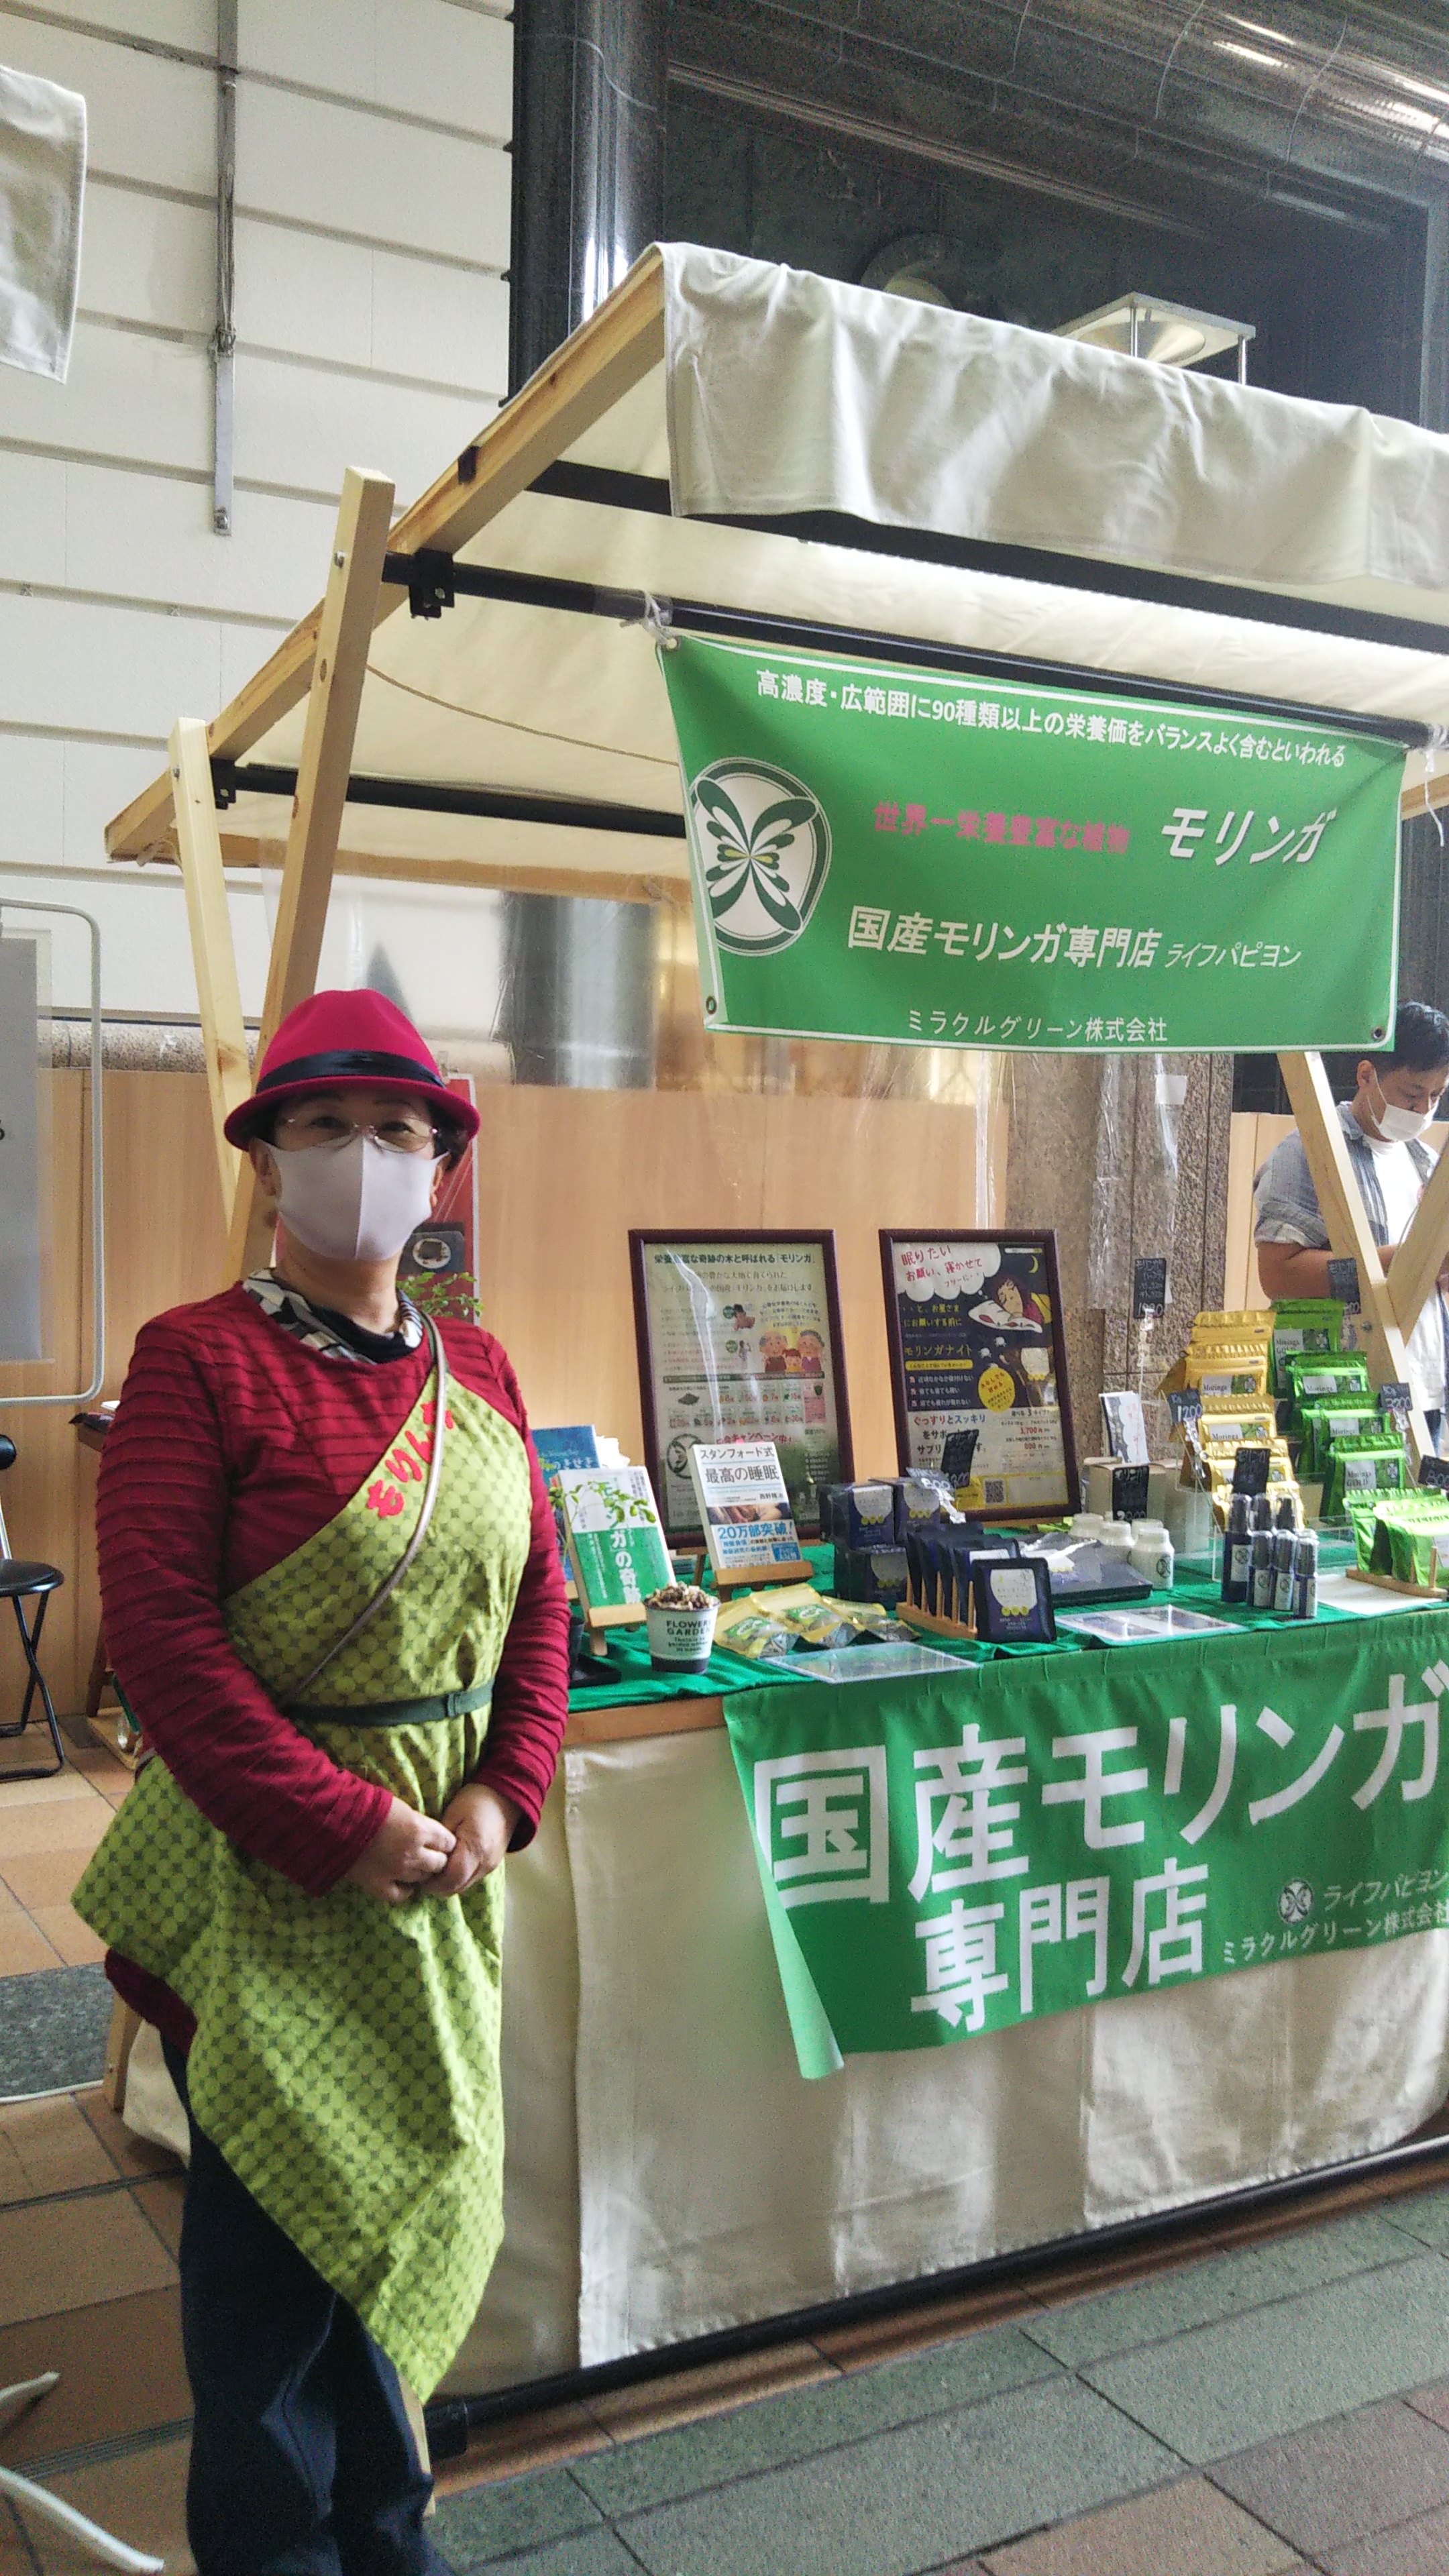 イベントのお知らせ:大丸パサージュ広場 福岡オーガニックマルシェ お待ちしております♡